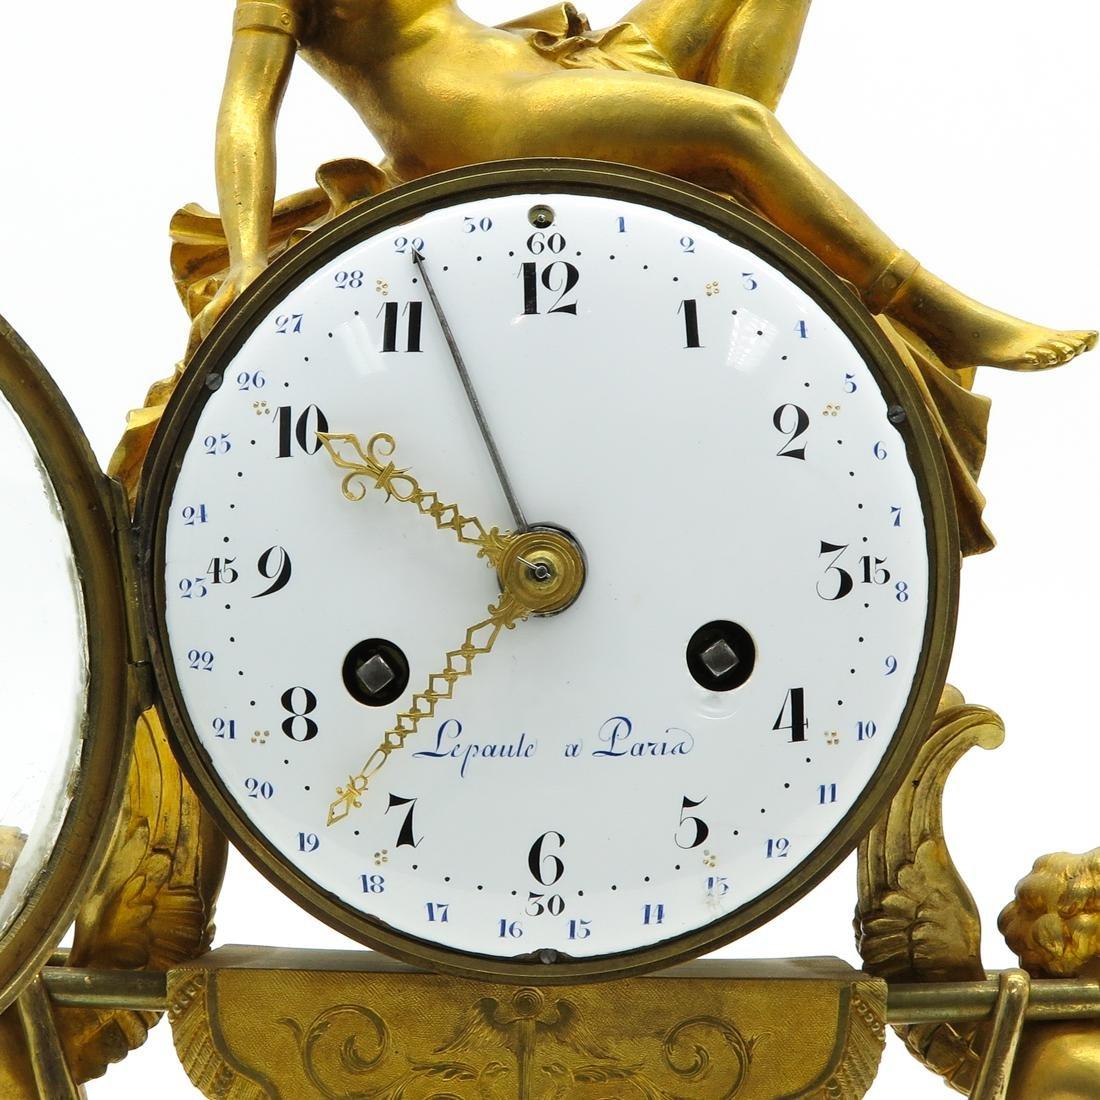 French Louis XVI Period Pendule Signed Le Poute a Paris - 6